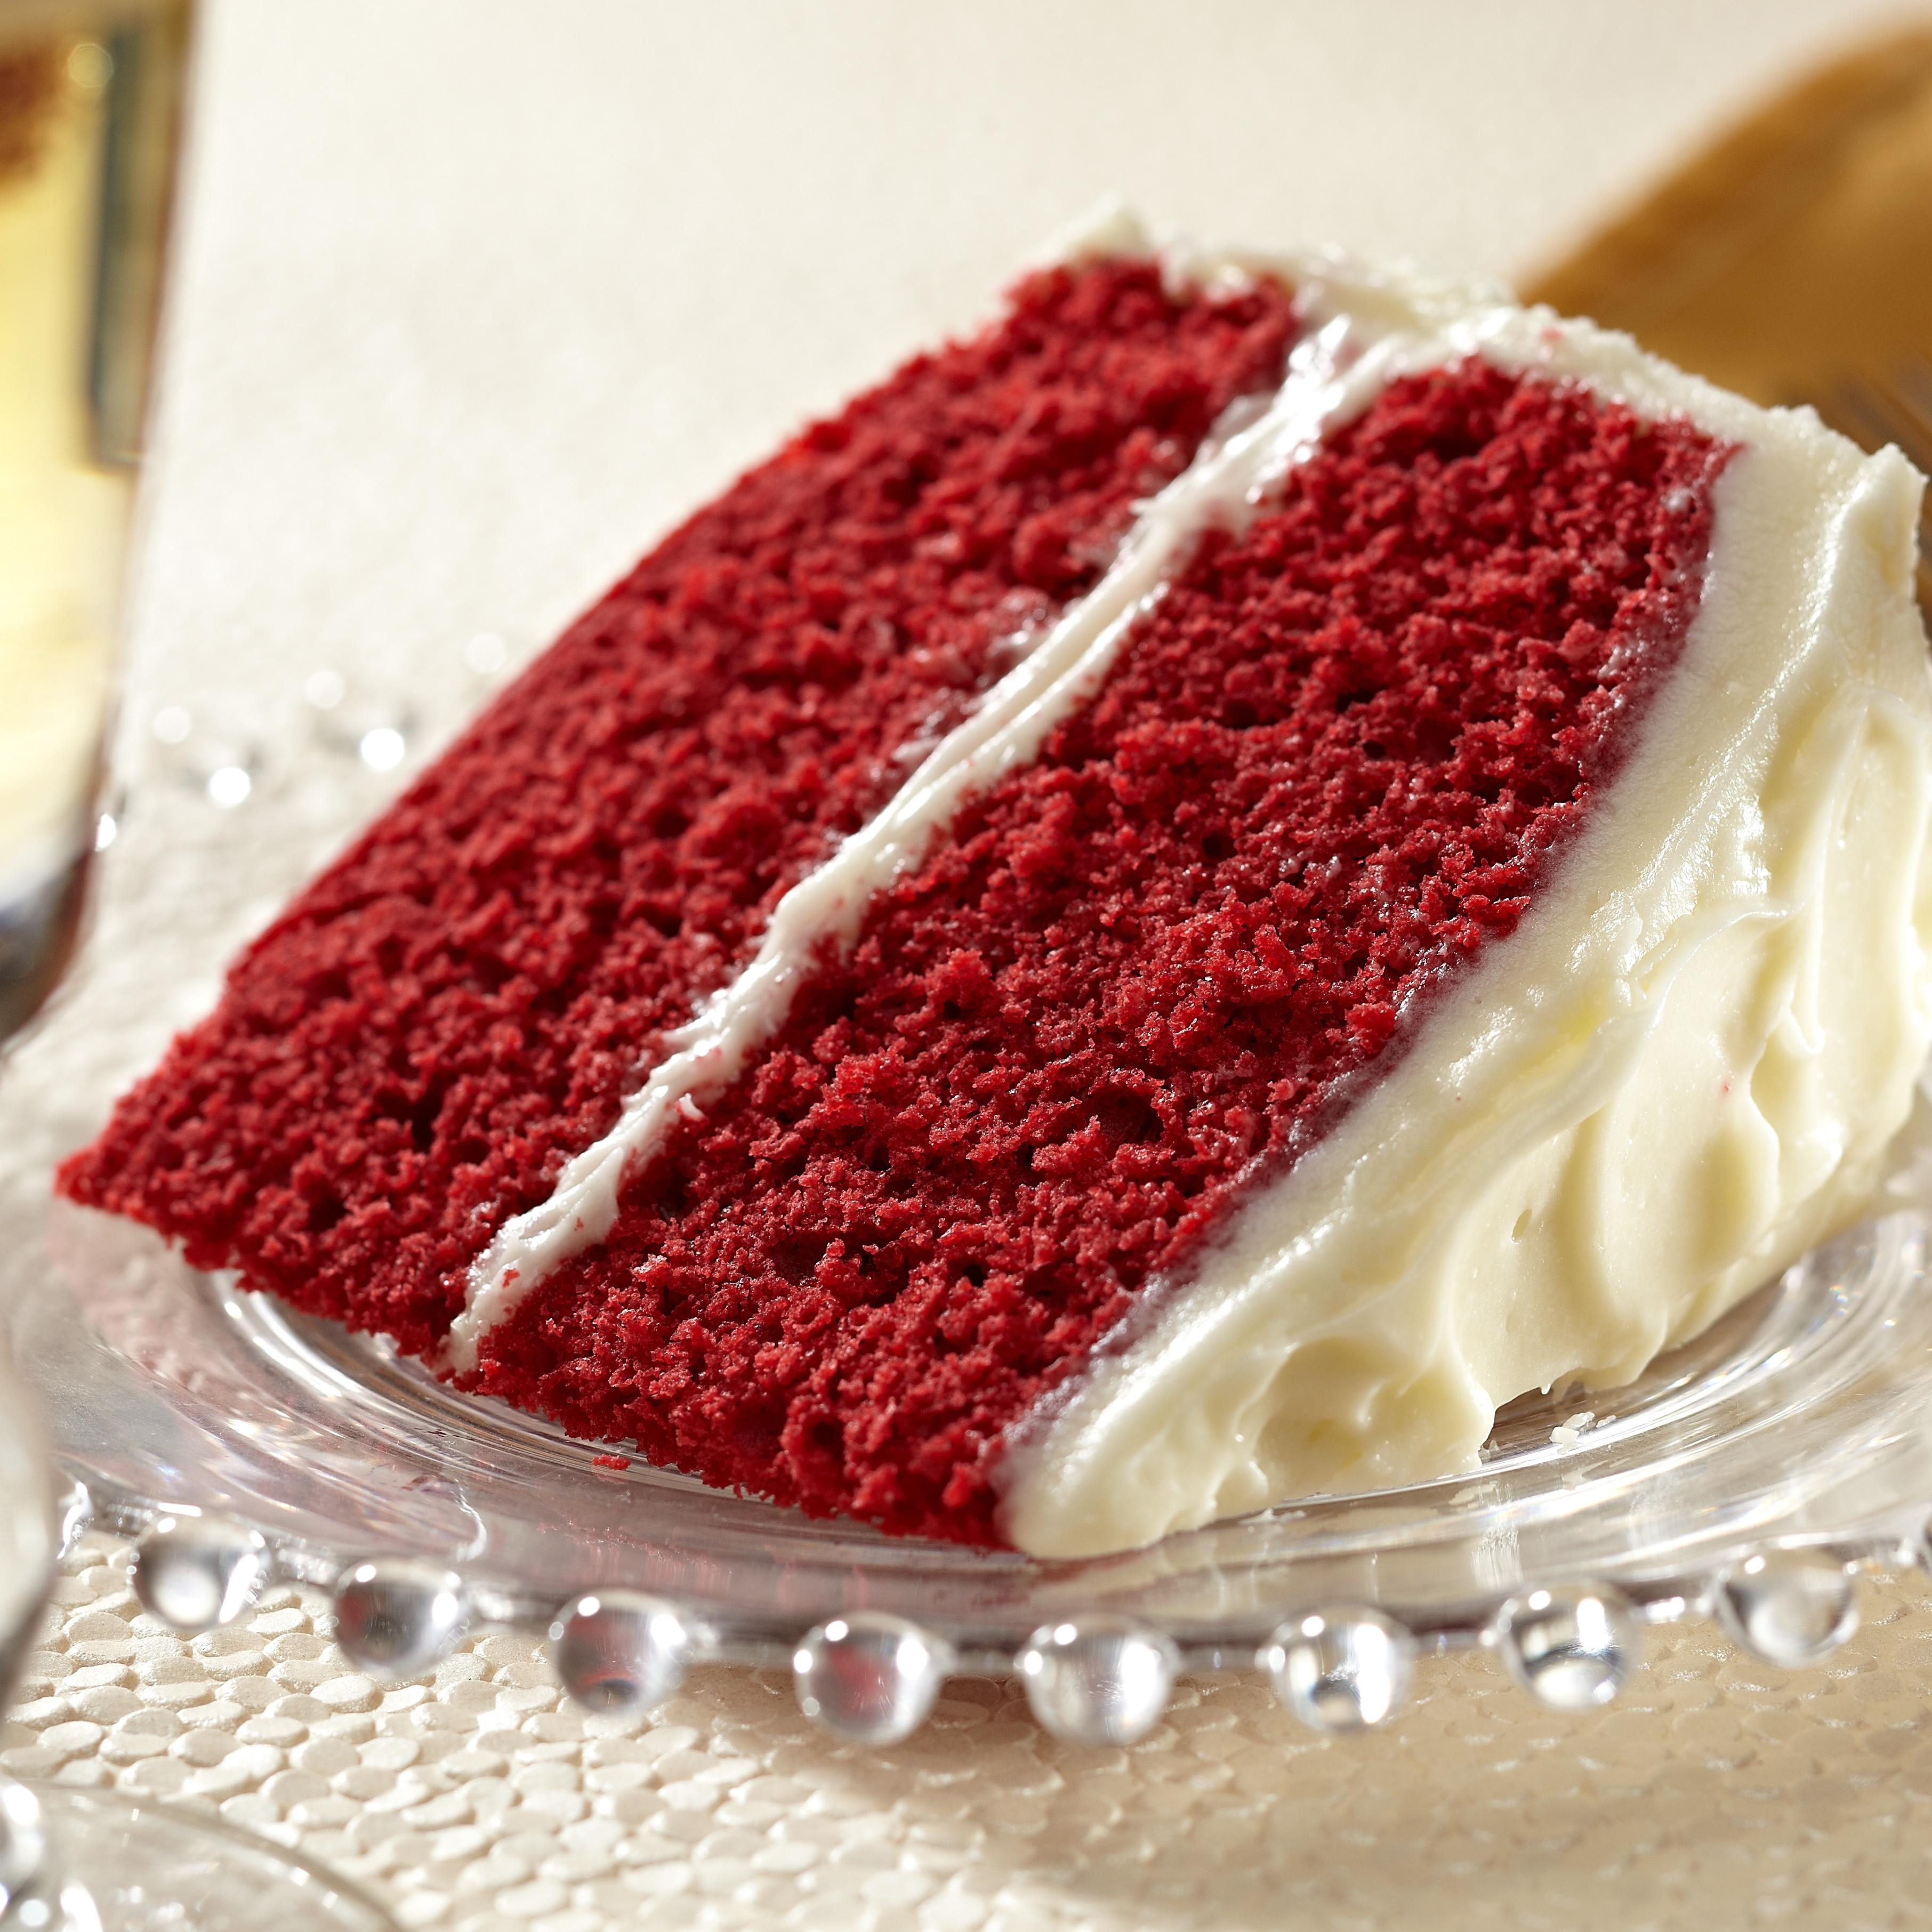 Cream Cheese Frosting For Red Velvet Cake  Super Moist Red Velvet Cake with Cream Cheese Frosting